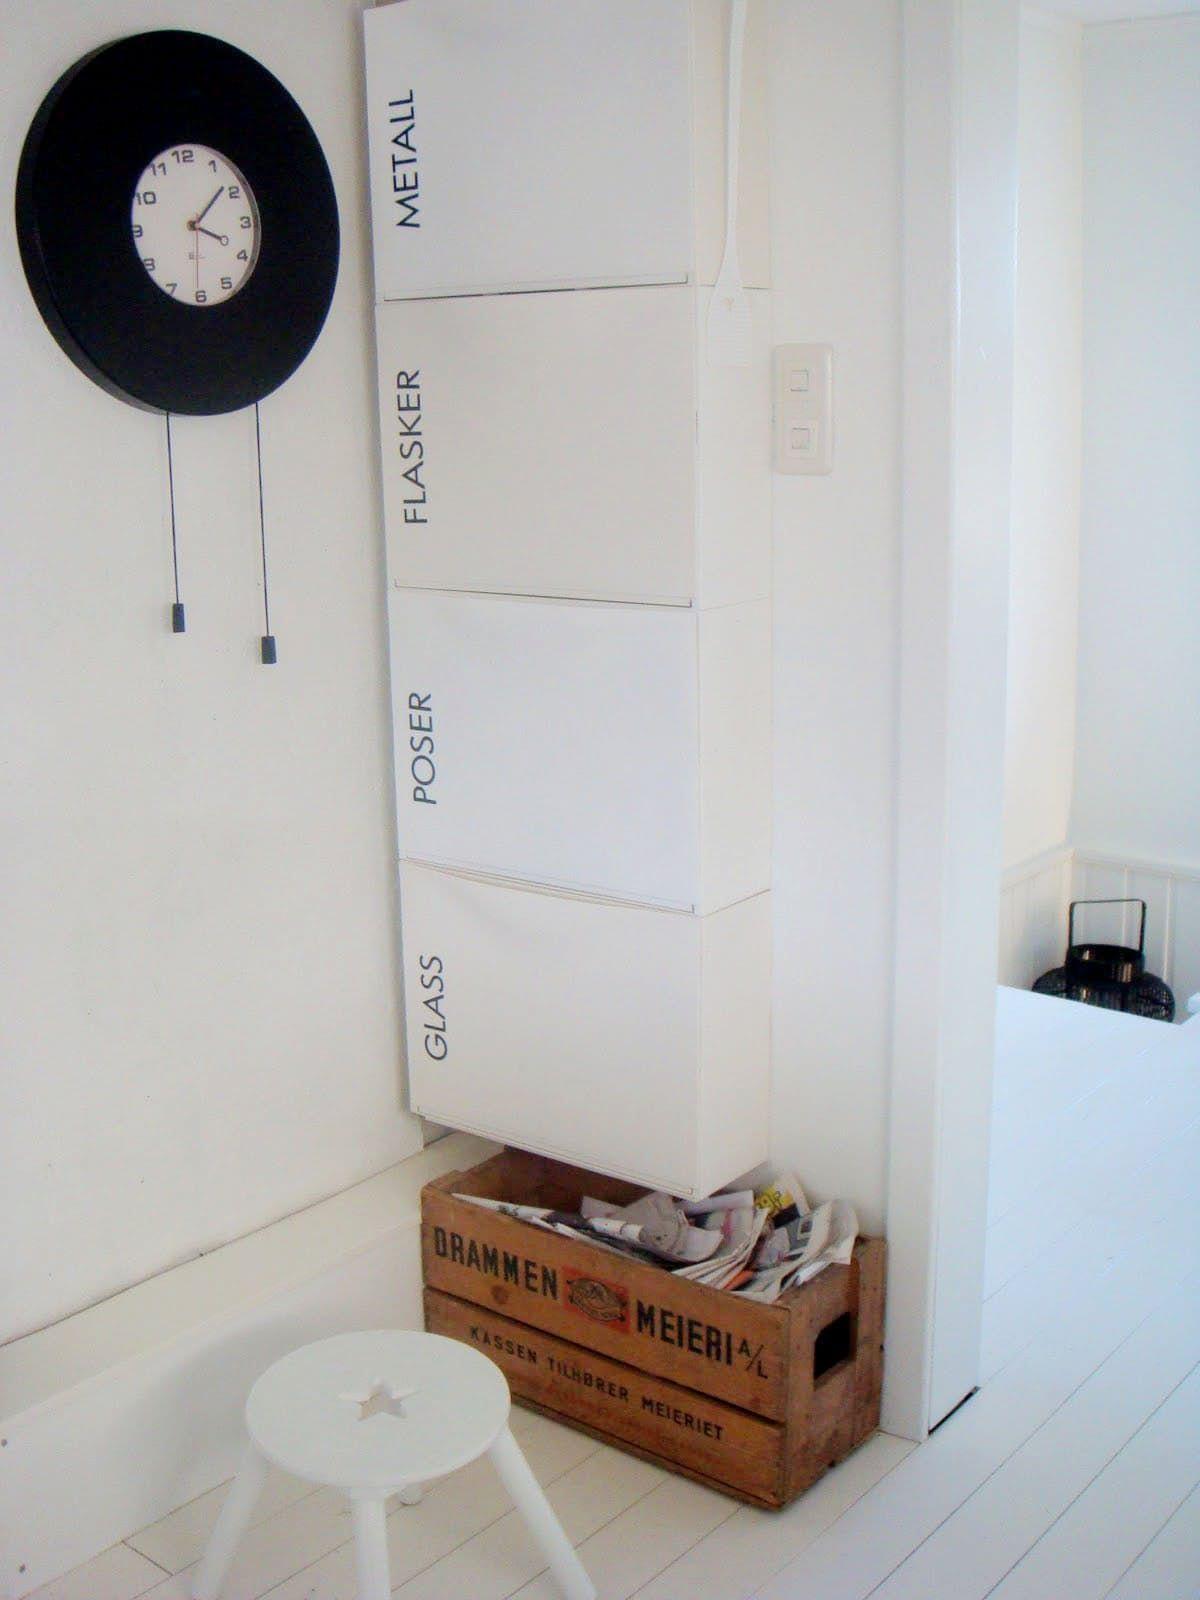 Full Size of Use Ikea Trones Storage Boin Every Room Of The House Abfallbehälter Küche Kosten Modulküche Miniküche Betten 160x200 Kaufen Bei Sofa Mit Schlaffunktion Wohnzimmer Abfallbehälter Ikea